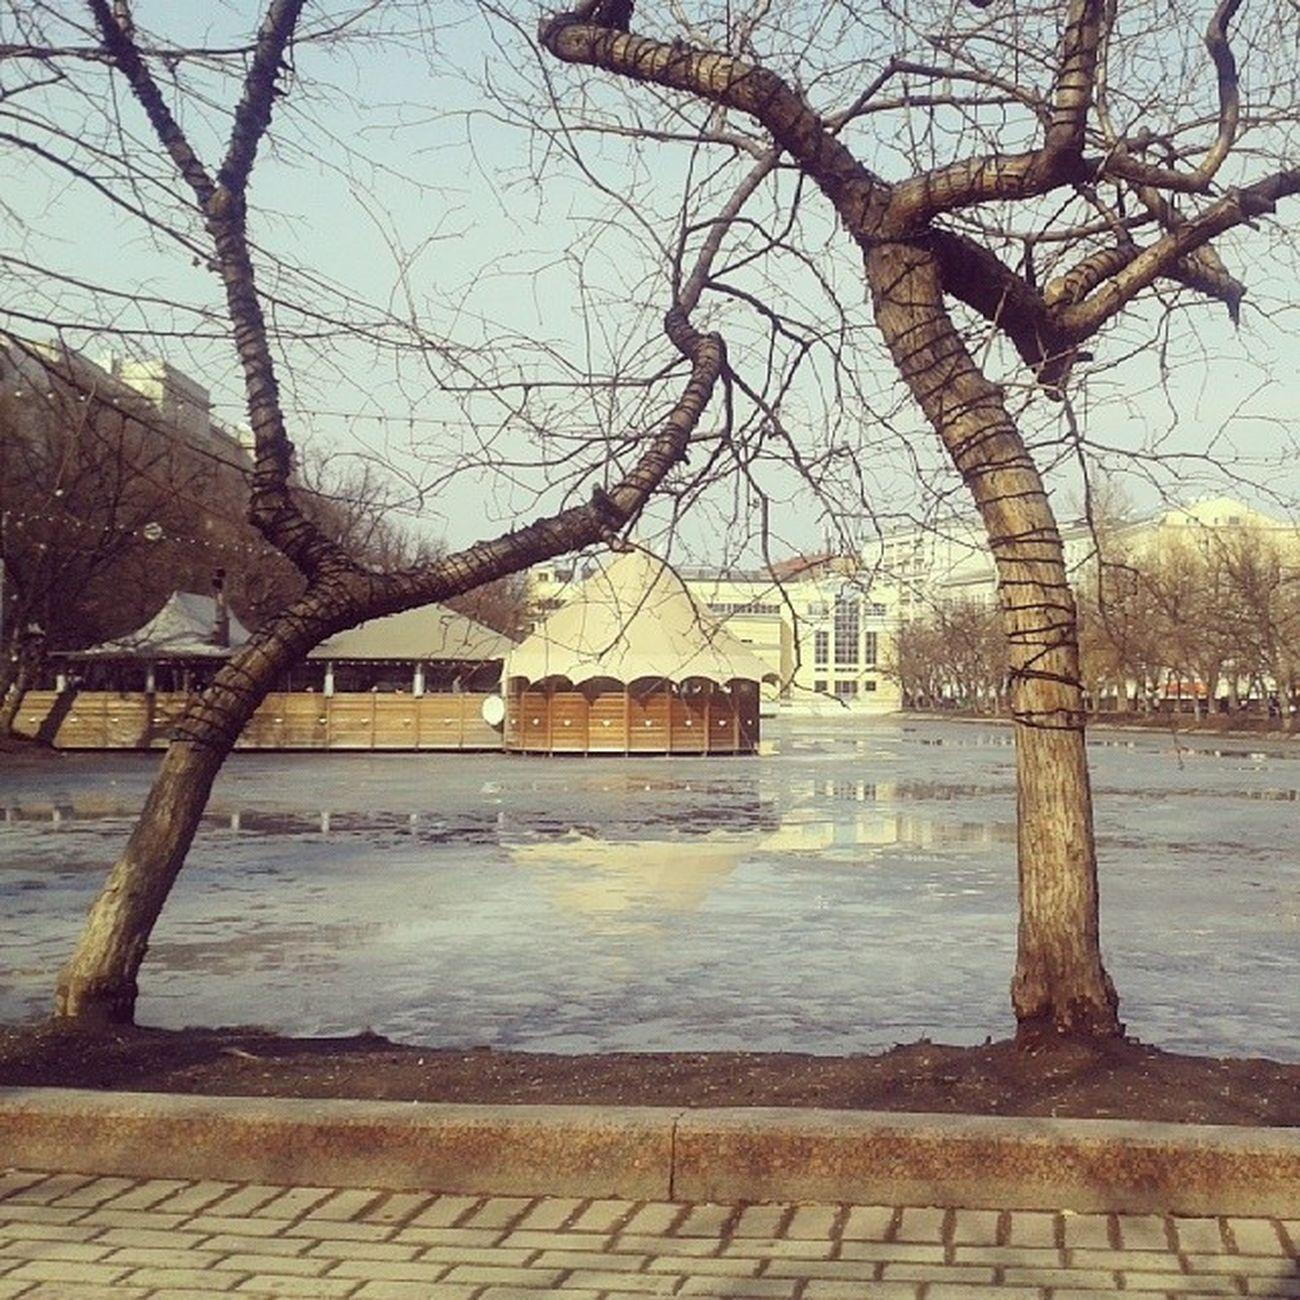 дисплей уже почти не реагирует на озябшие пальцы, но желание изо всех сил встречать весну, сидя на лавочке, сильно как никогда. чистые пруды весна Москва